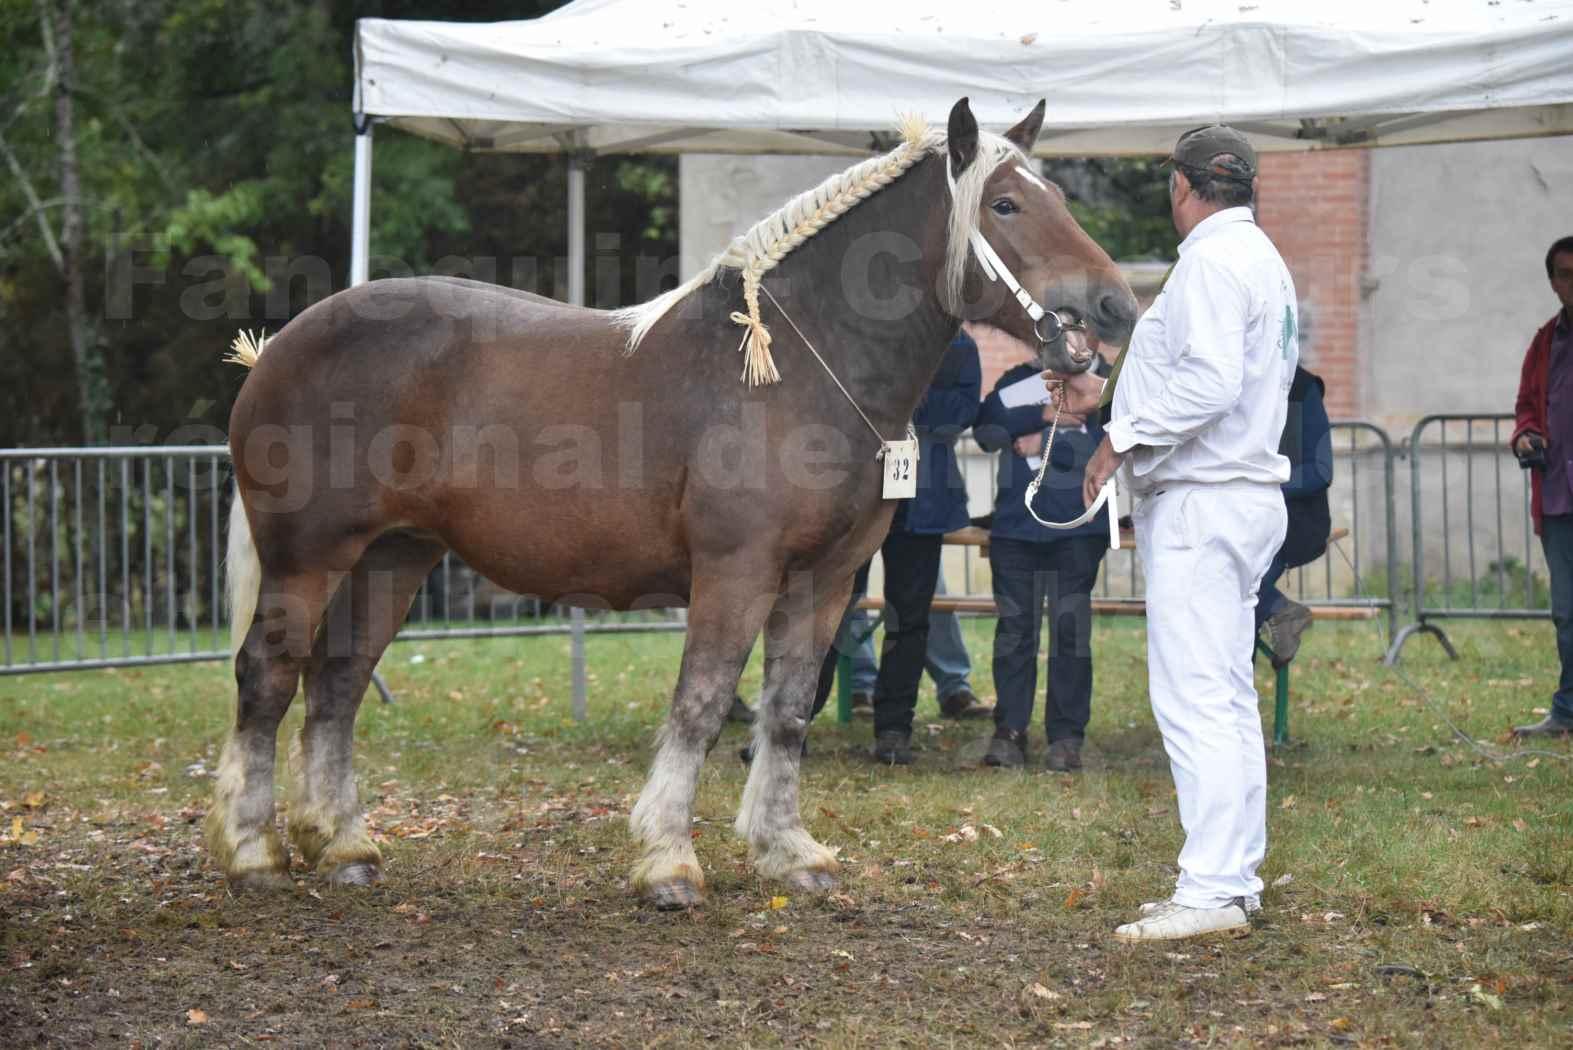 Concours Régional de chevaux de traits en 2017 - Pouliche Trait COMTOIS - ECLIPCE DE PIGASSOU - 08